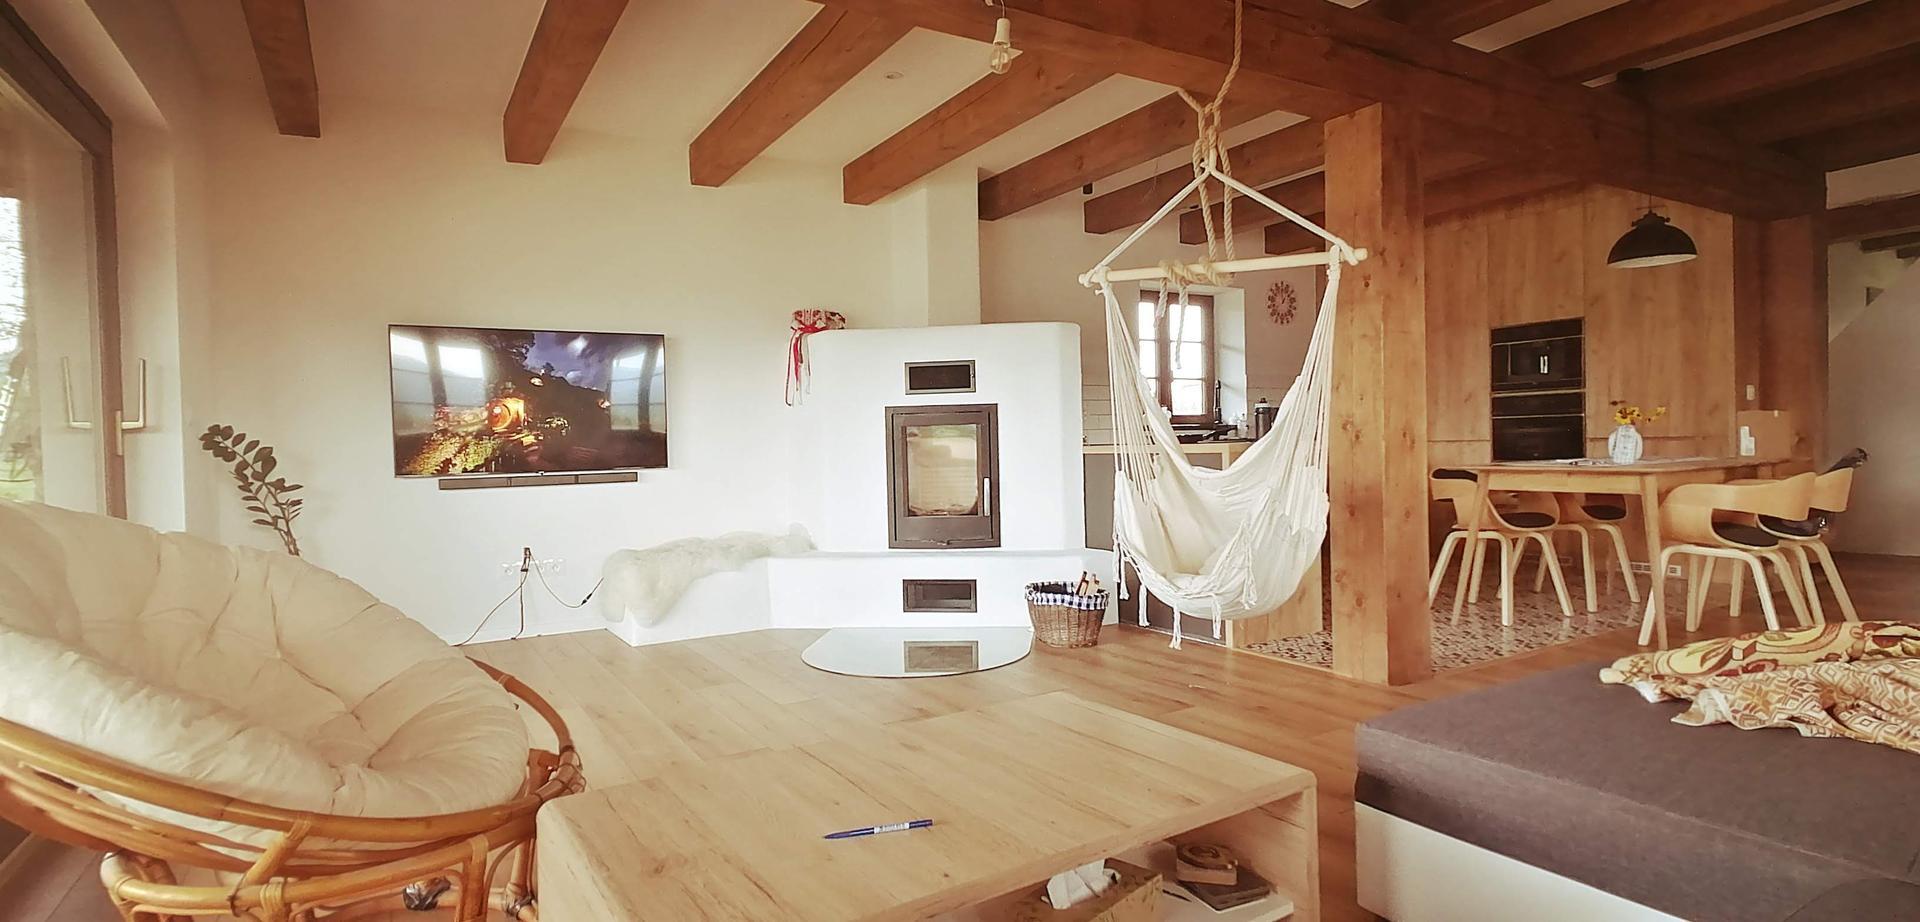 Moderný dom s nádychom slovenskej architektúry